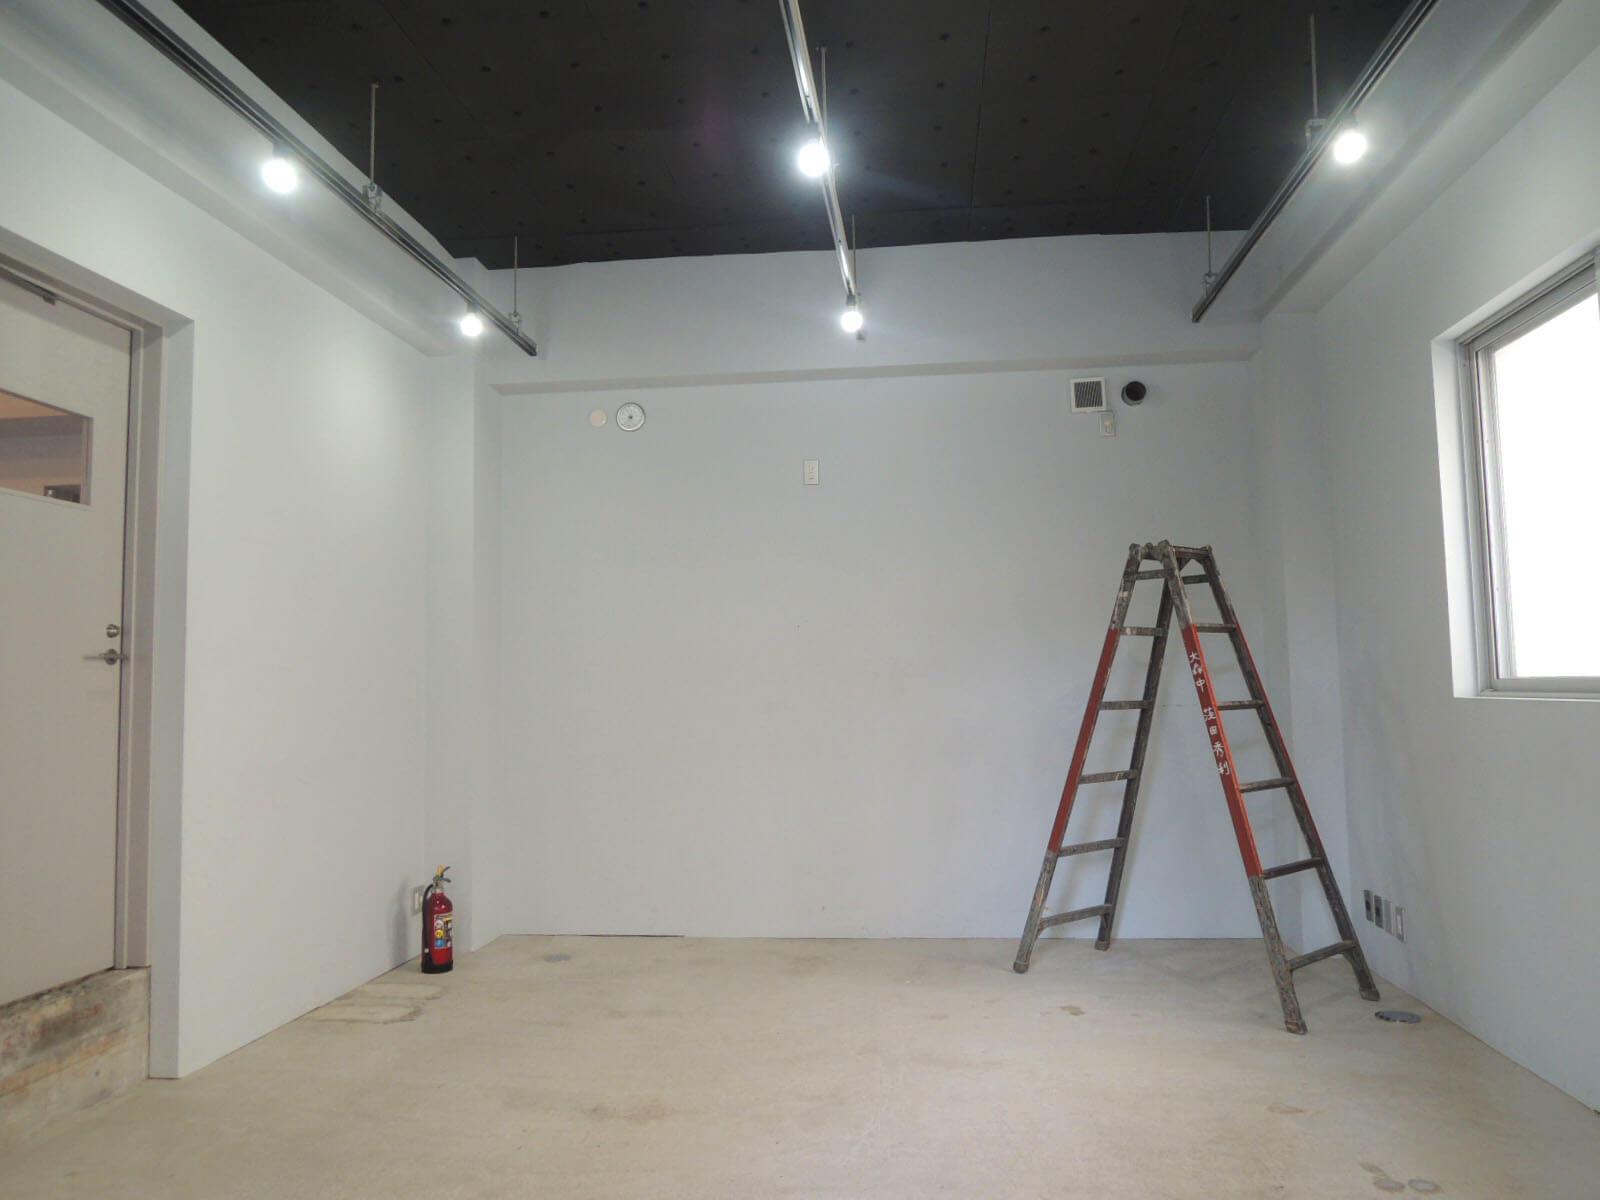 【103】天井高め もともとは工房として使っていた部屋